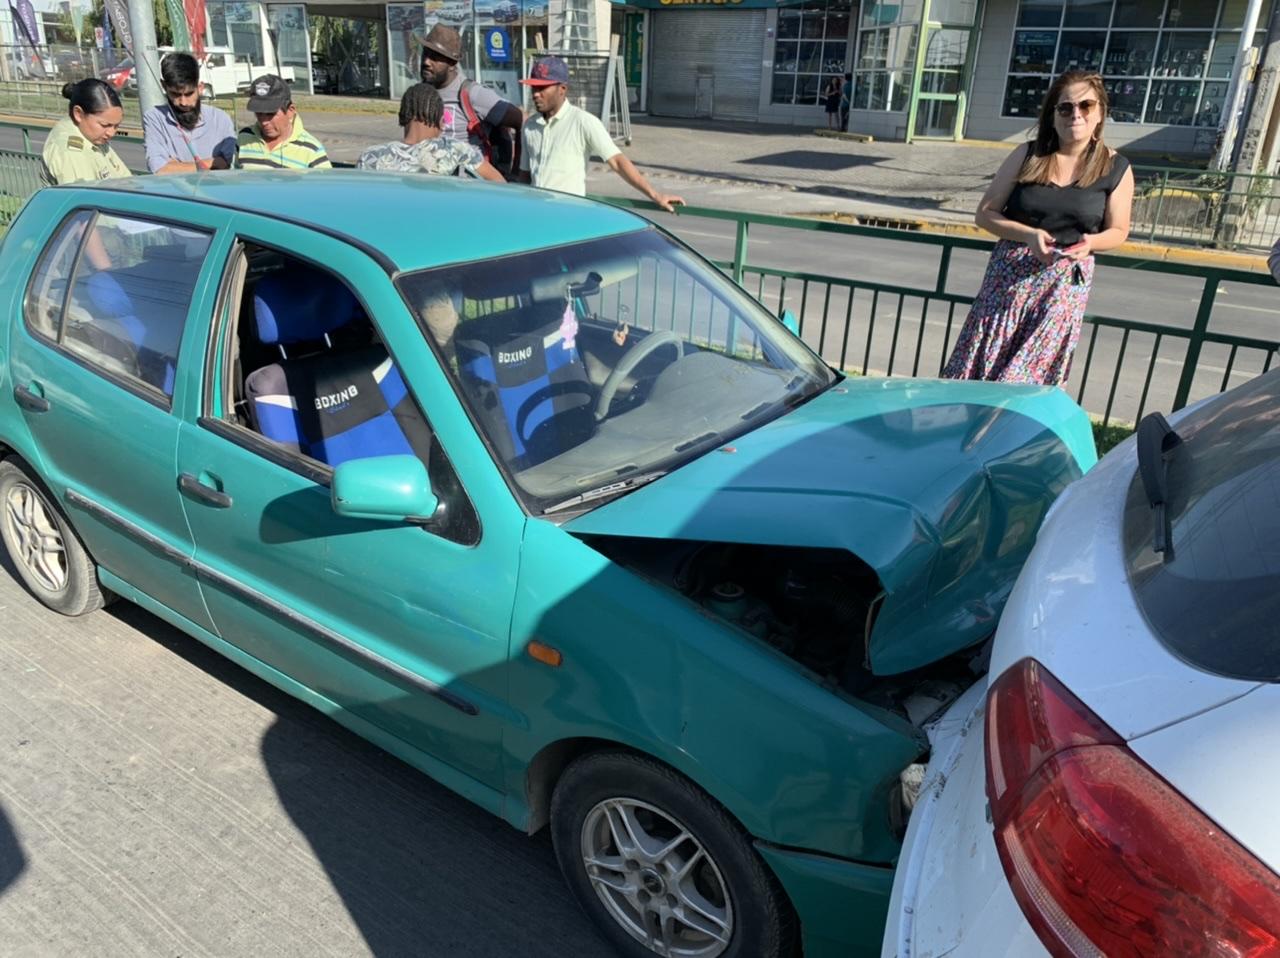 Colisión múltiple involucra a 4 automóviles en Los Ángeles